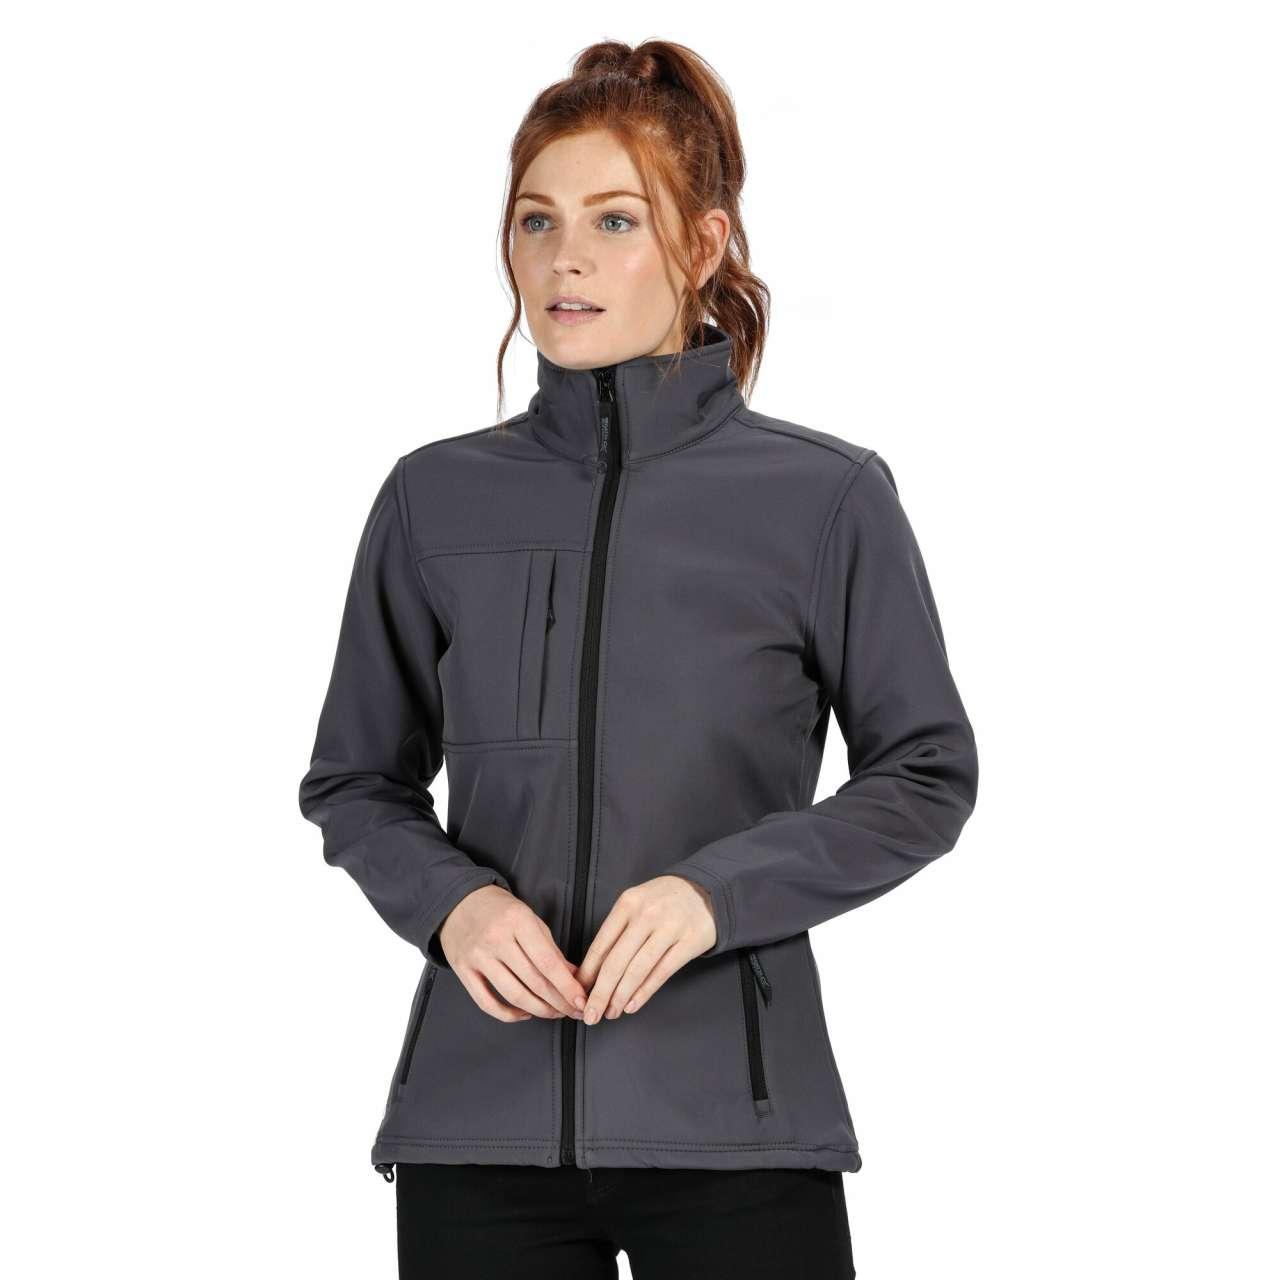 Levně Dámská softshellová bunda Regatta – tulenní šedá / černá, vel. L